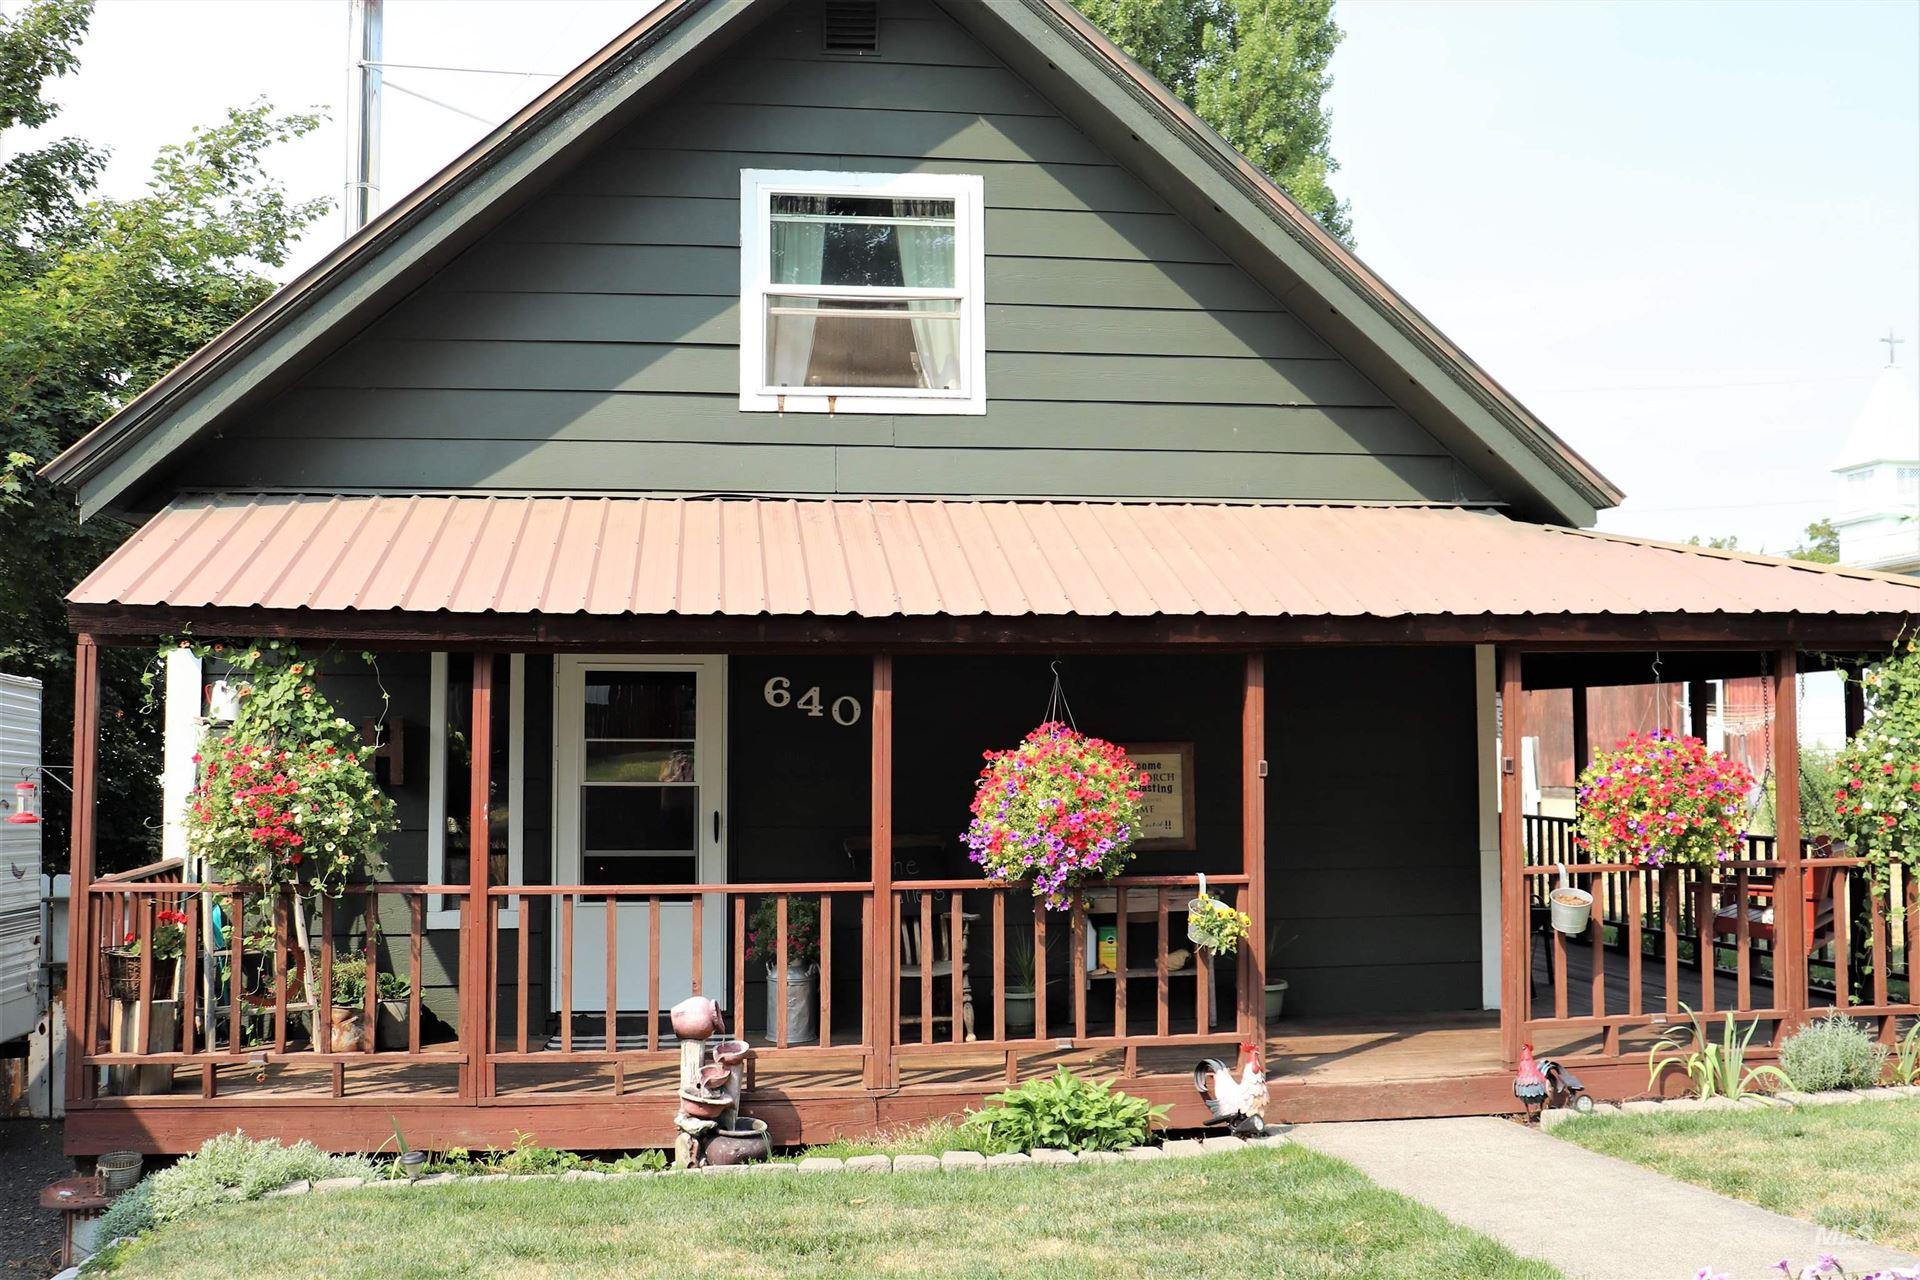 Photo of 640 Oak Street, Potlatch, ID 83855 (MLS # 98818145)